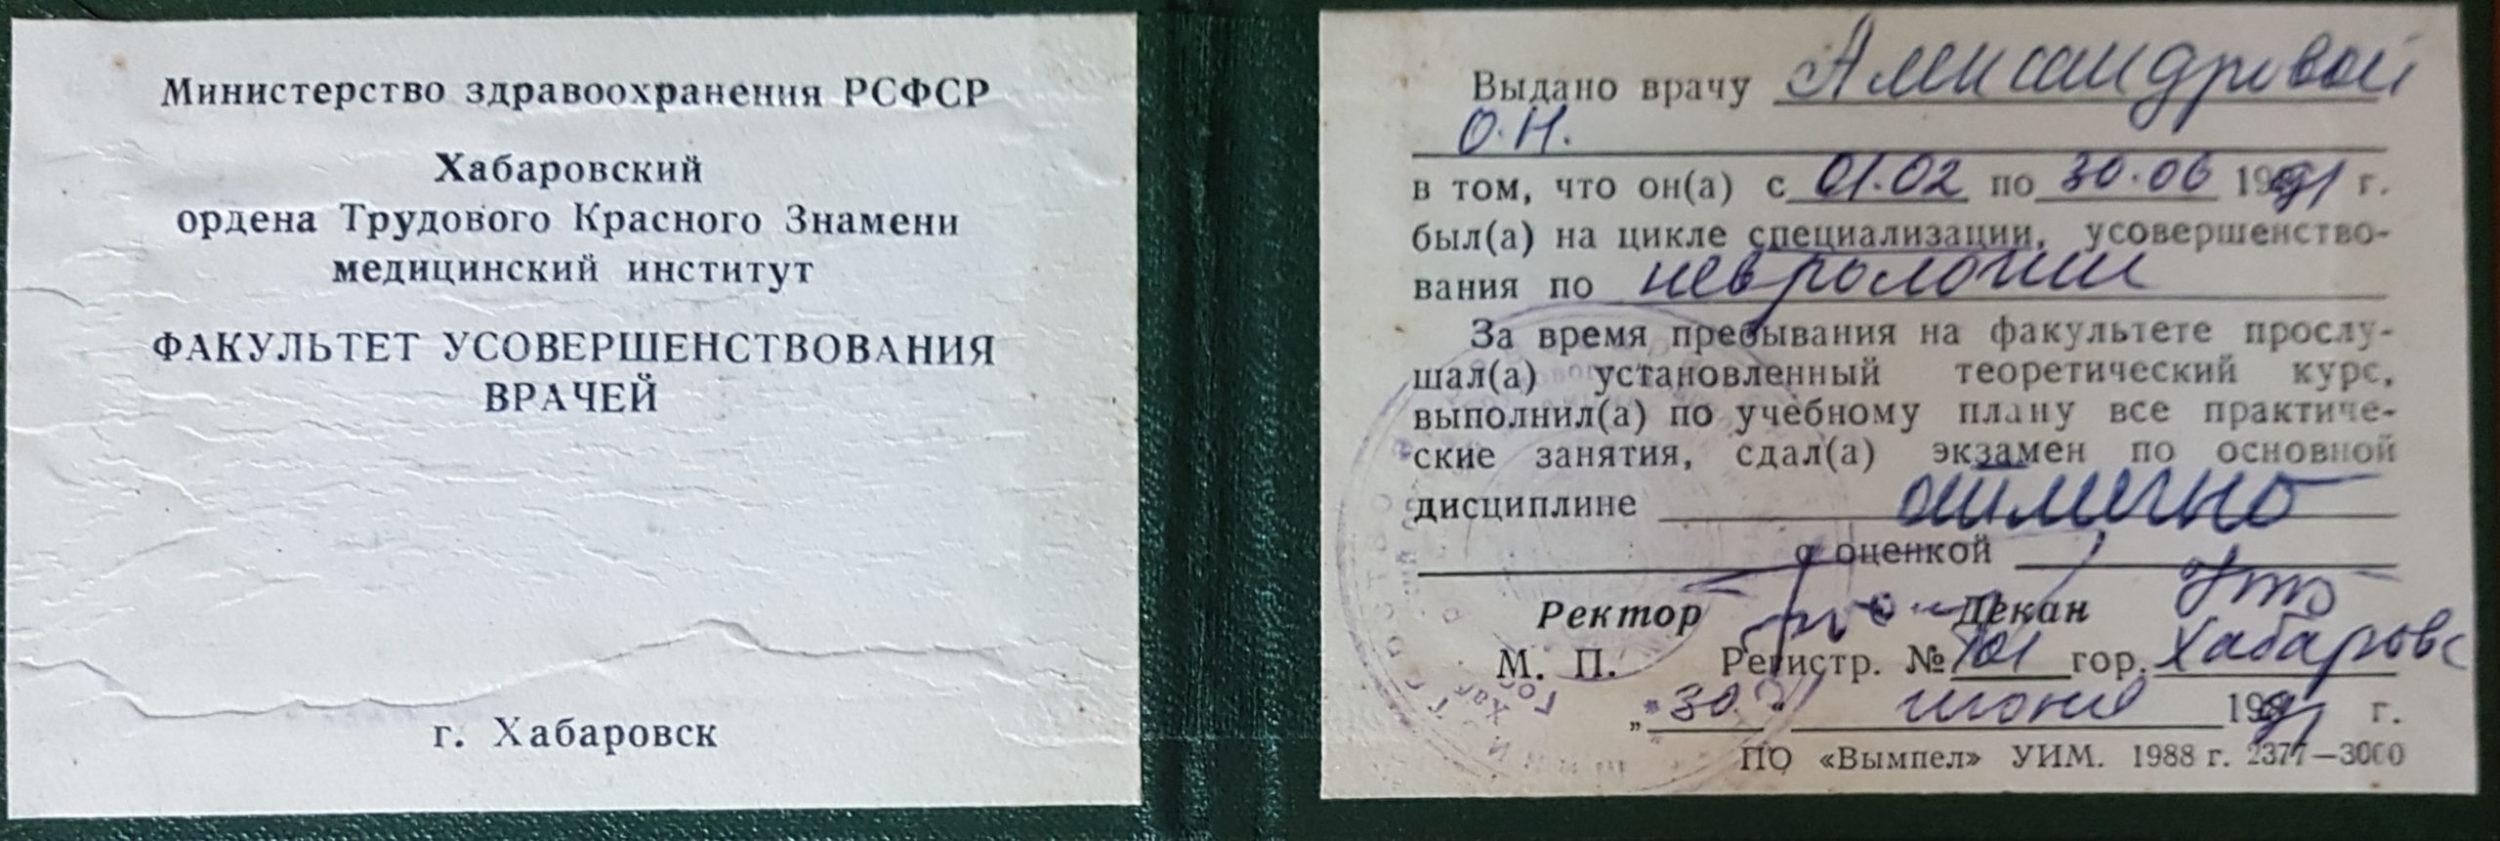 Александрова 1